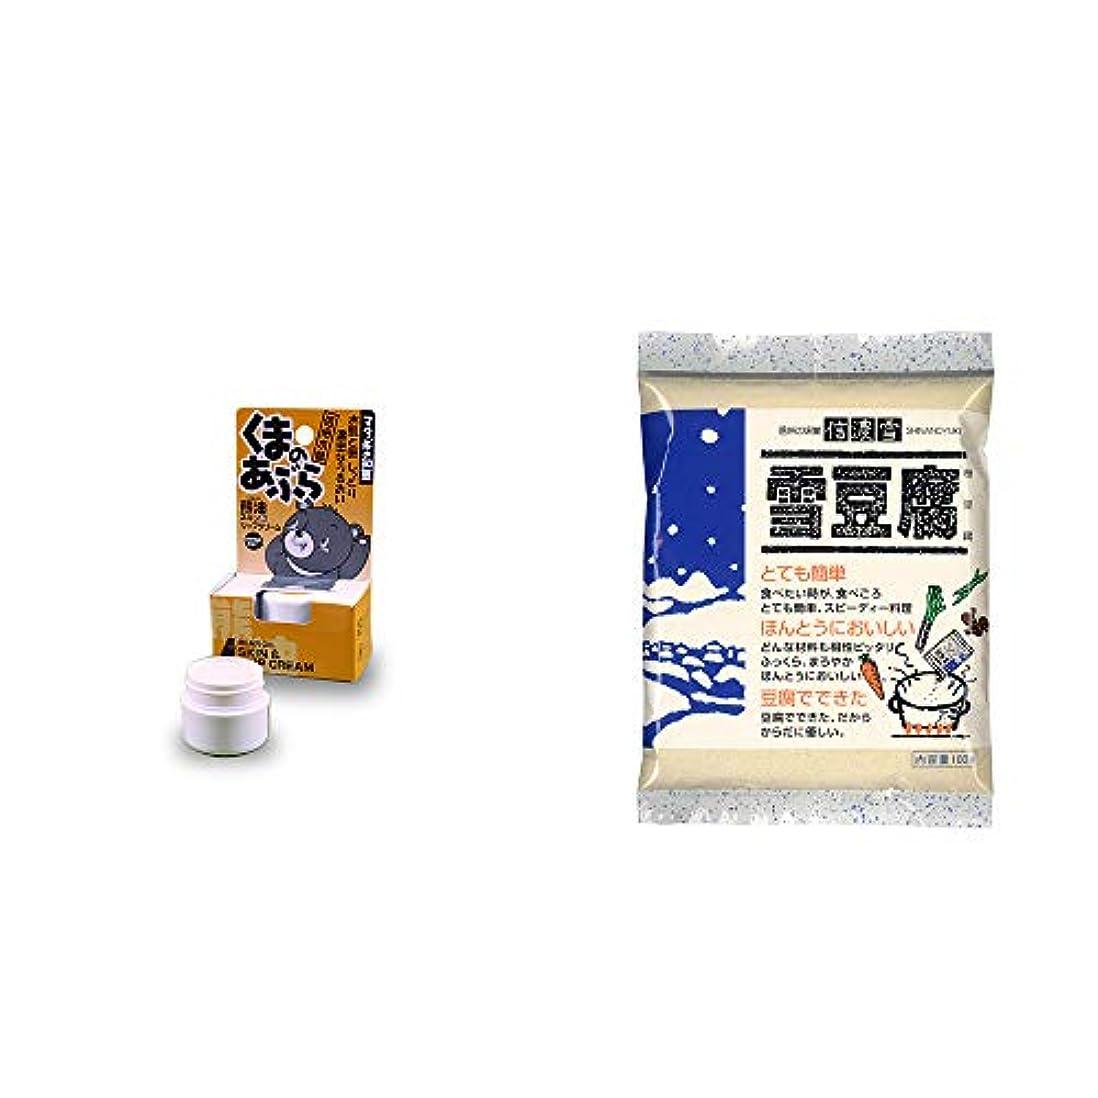 ひばり荒らすファイター[2点セット] 信州木曽 くまのあぶら 熊油スキン&リップクリーム(9g)?信濃雪 雪豆腐(粉豆腐)(100g)